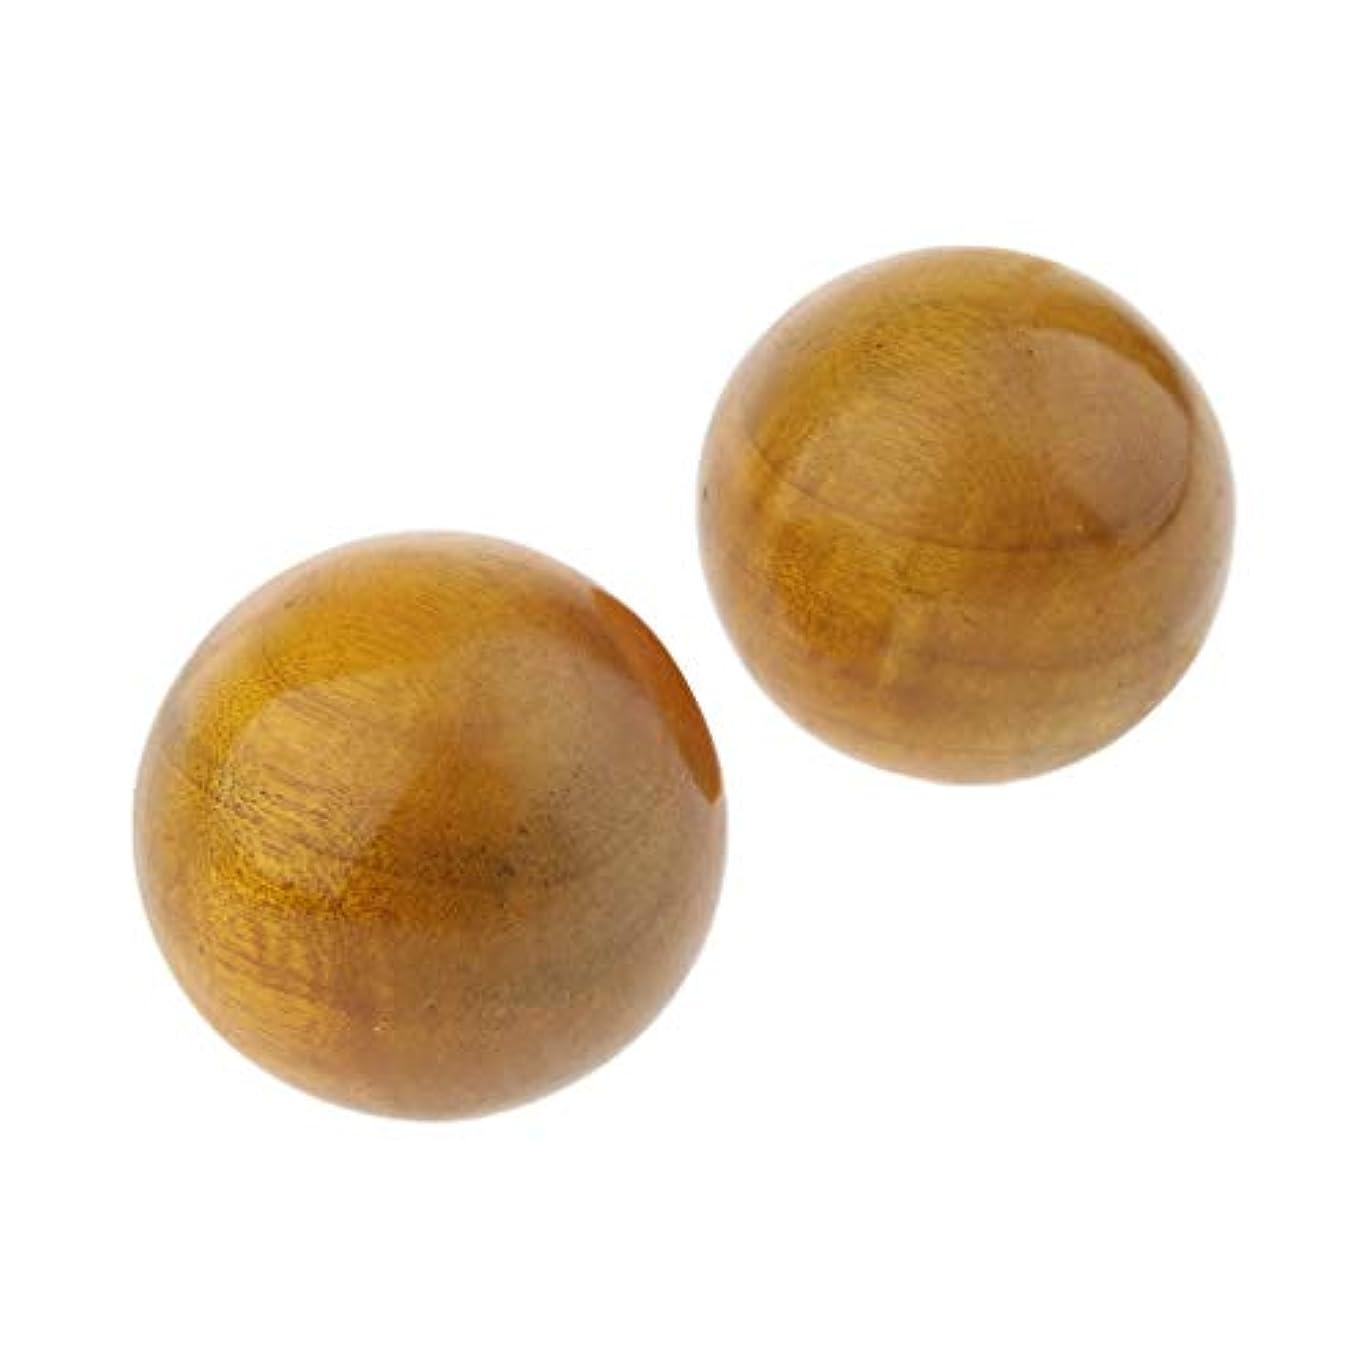 報酬遠足主張するPerfeclan 2個 ハンドマッサージボール フィットネス 木製 手のひら 運動マッサージ 保定ボール